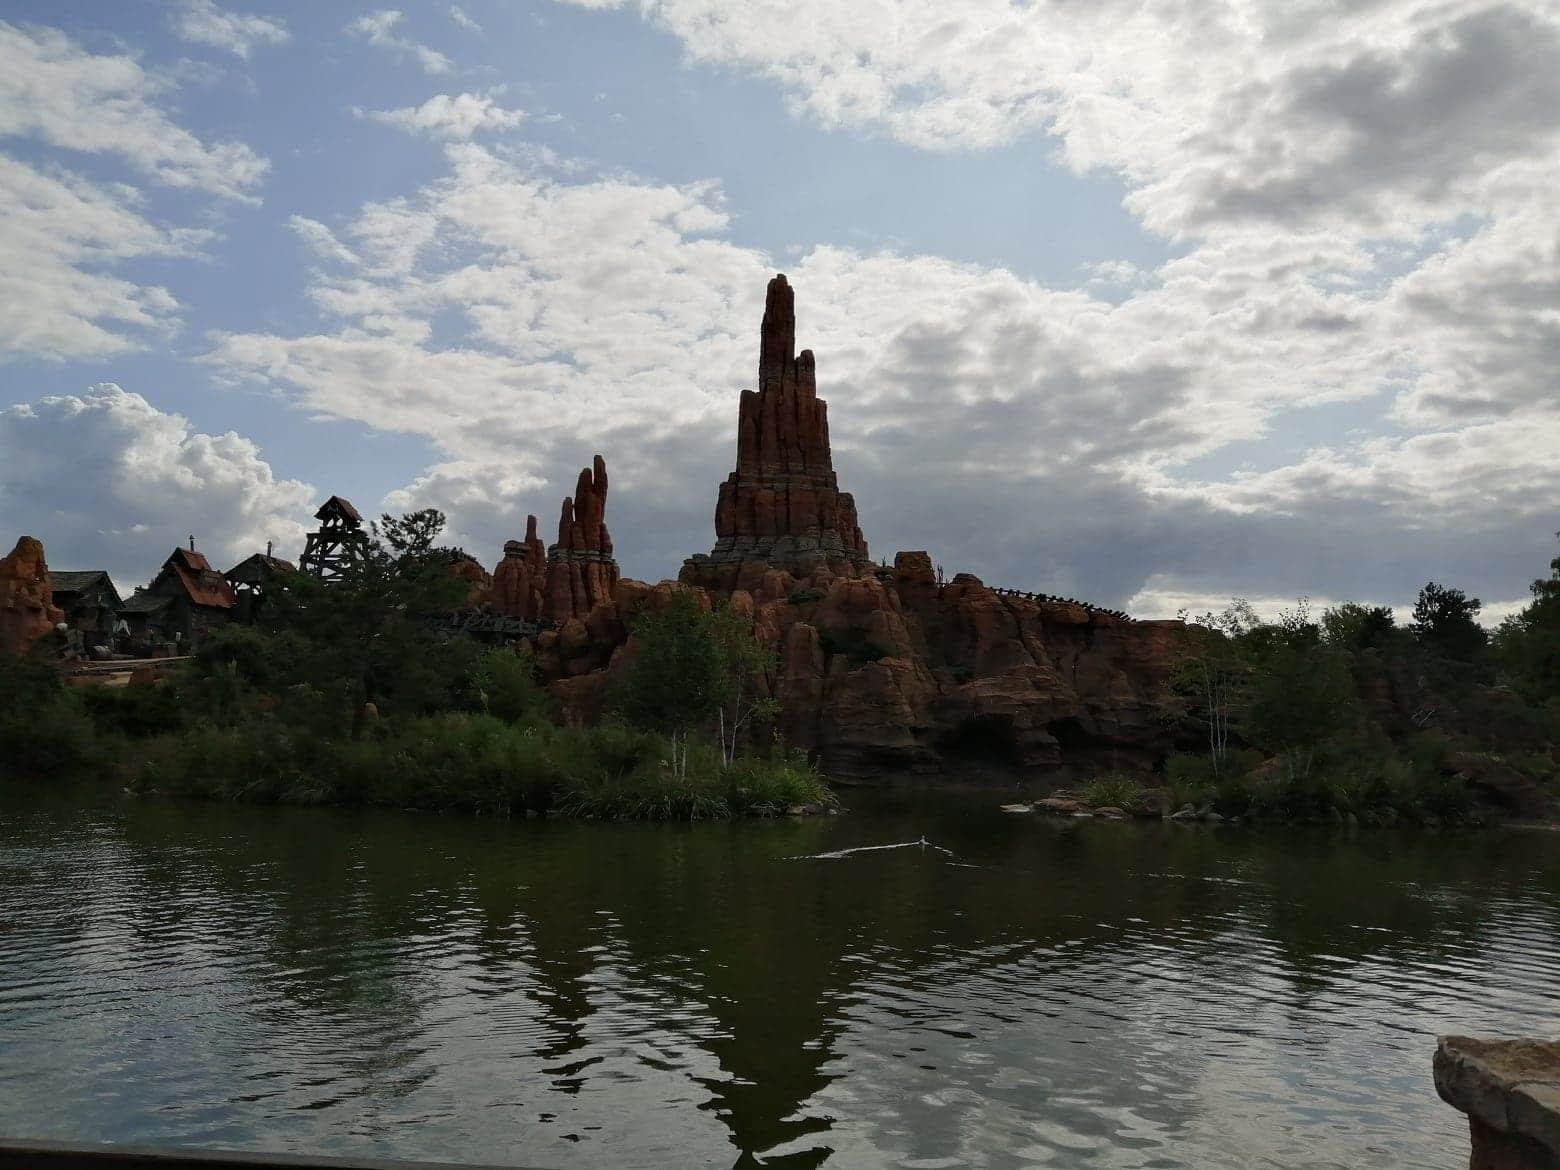 Mes attractions préférées à Disneyland Paris